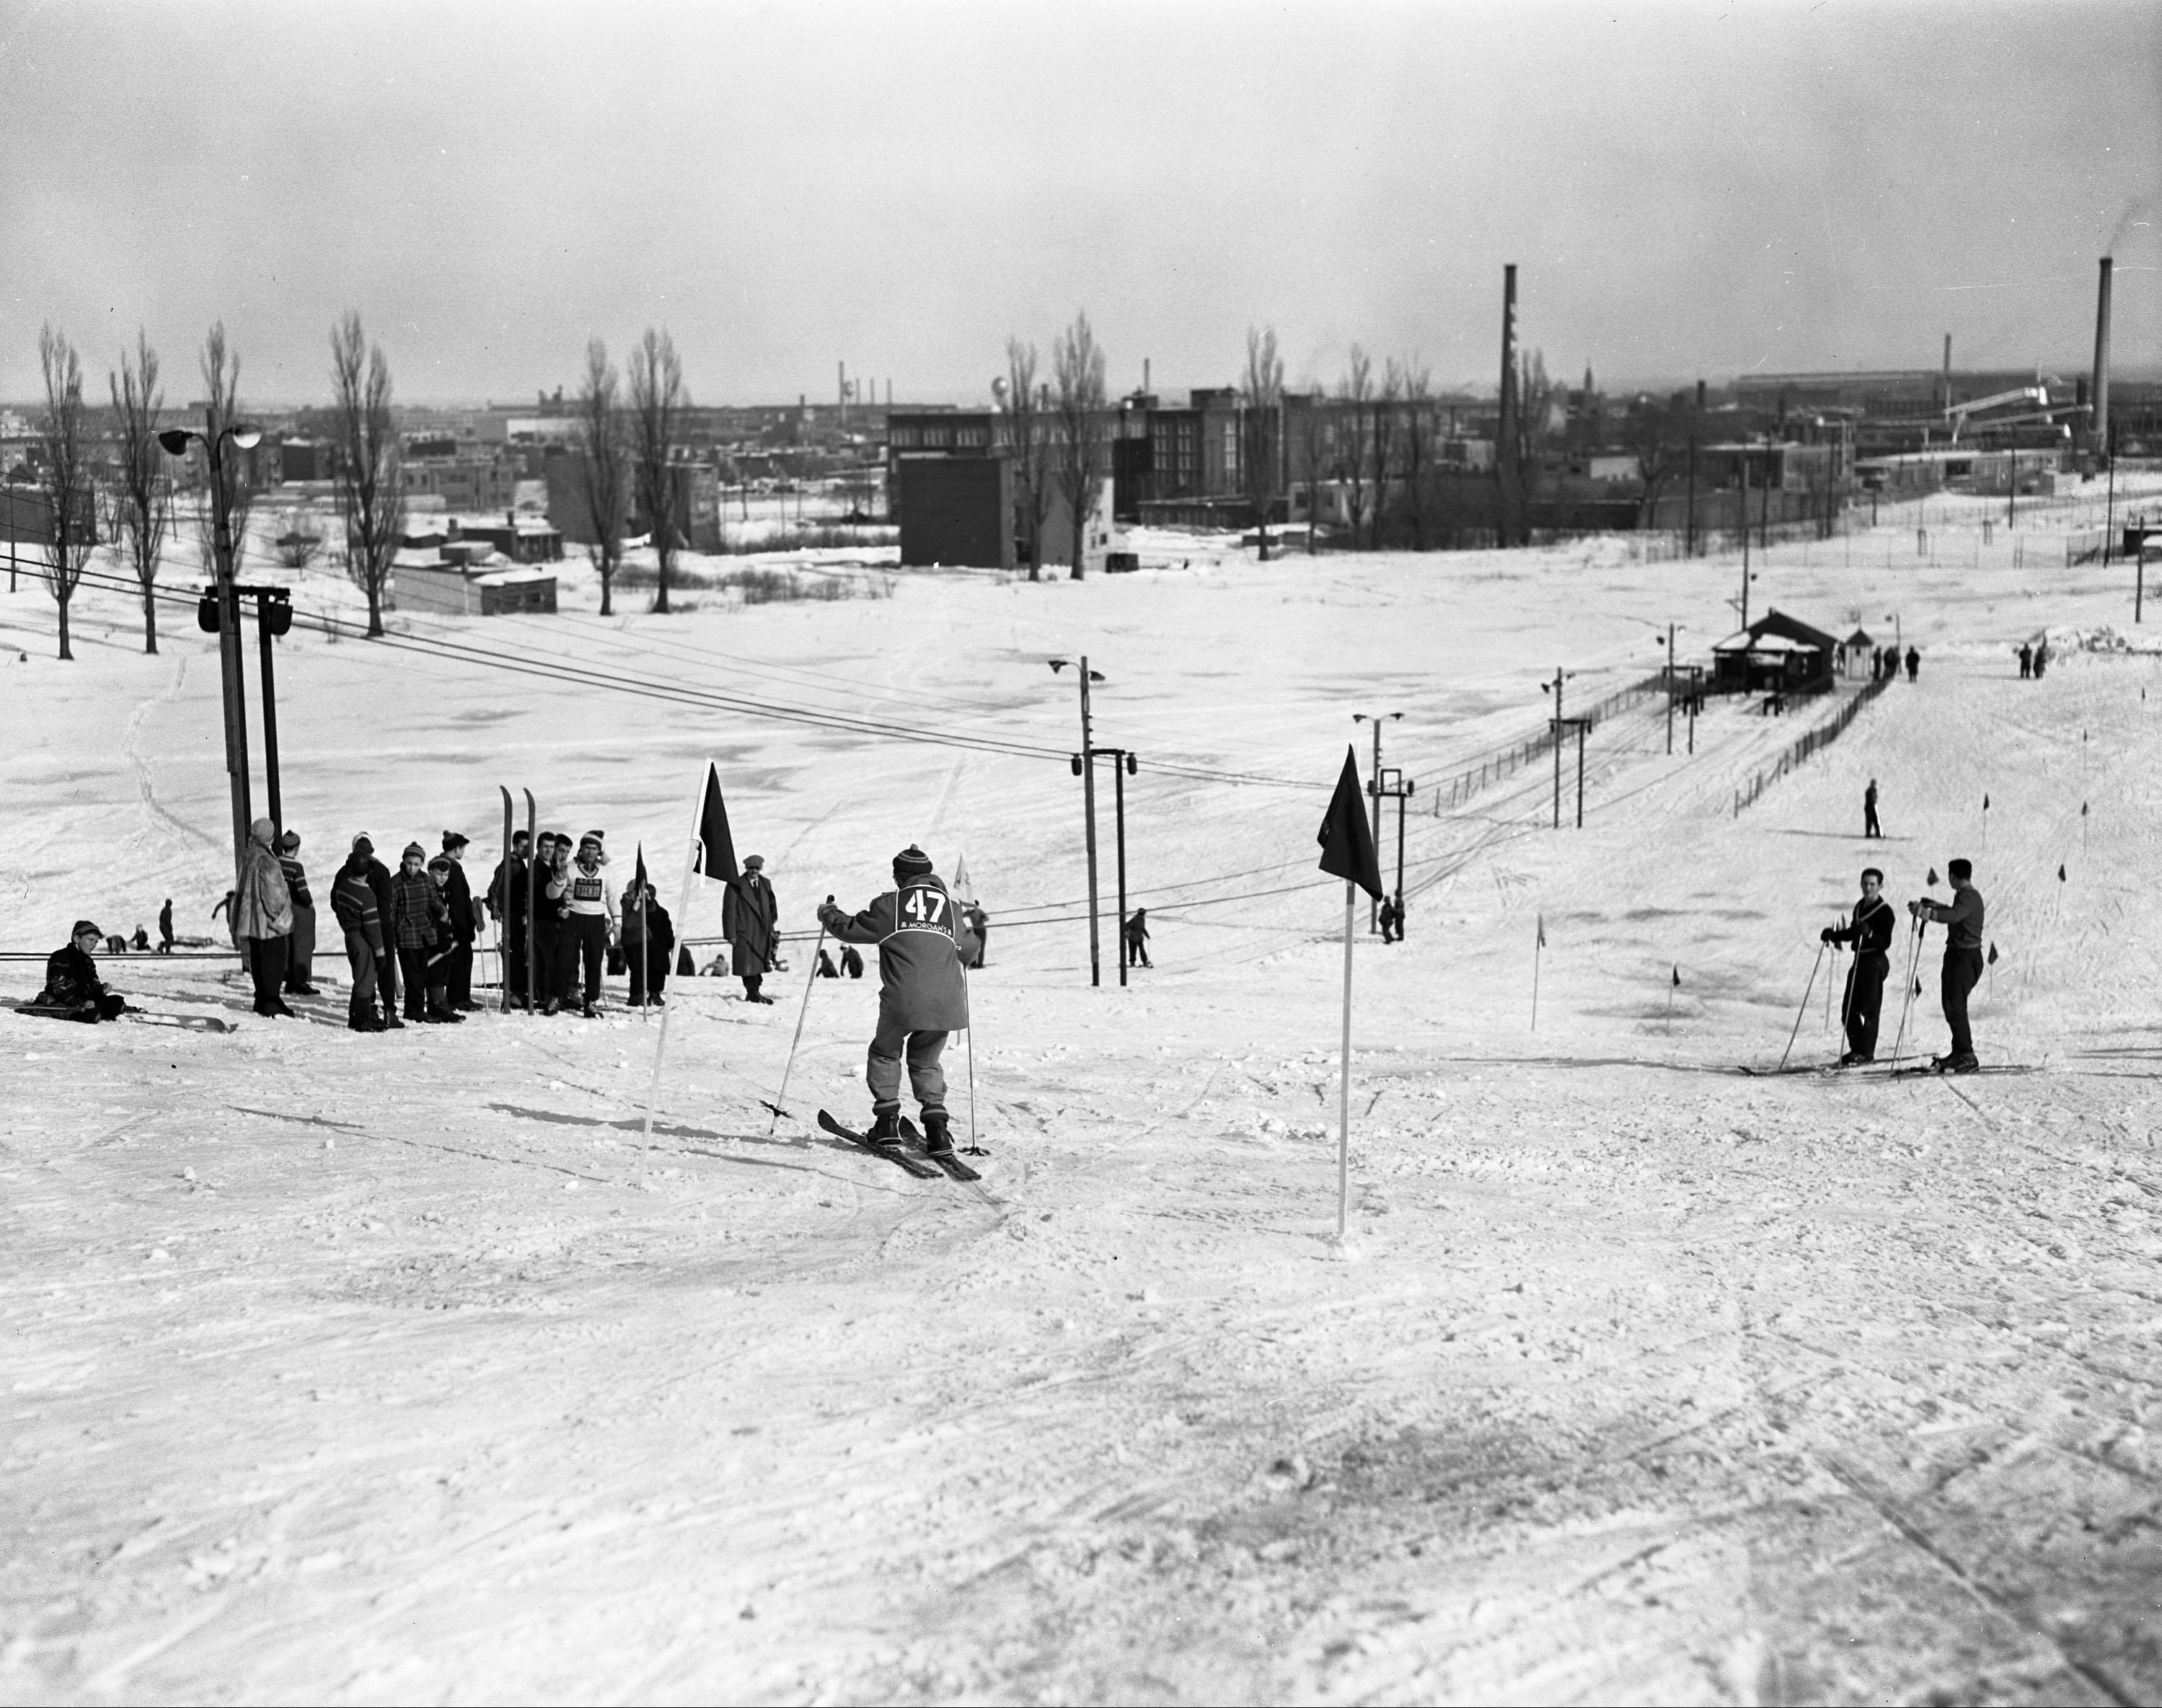 Un skieur portant le numéro 47 est sur le point de descendre une piste. On voit une douzaine de personnes le long de la piste et des édifices en arrière-plan.